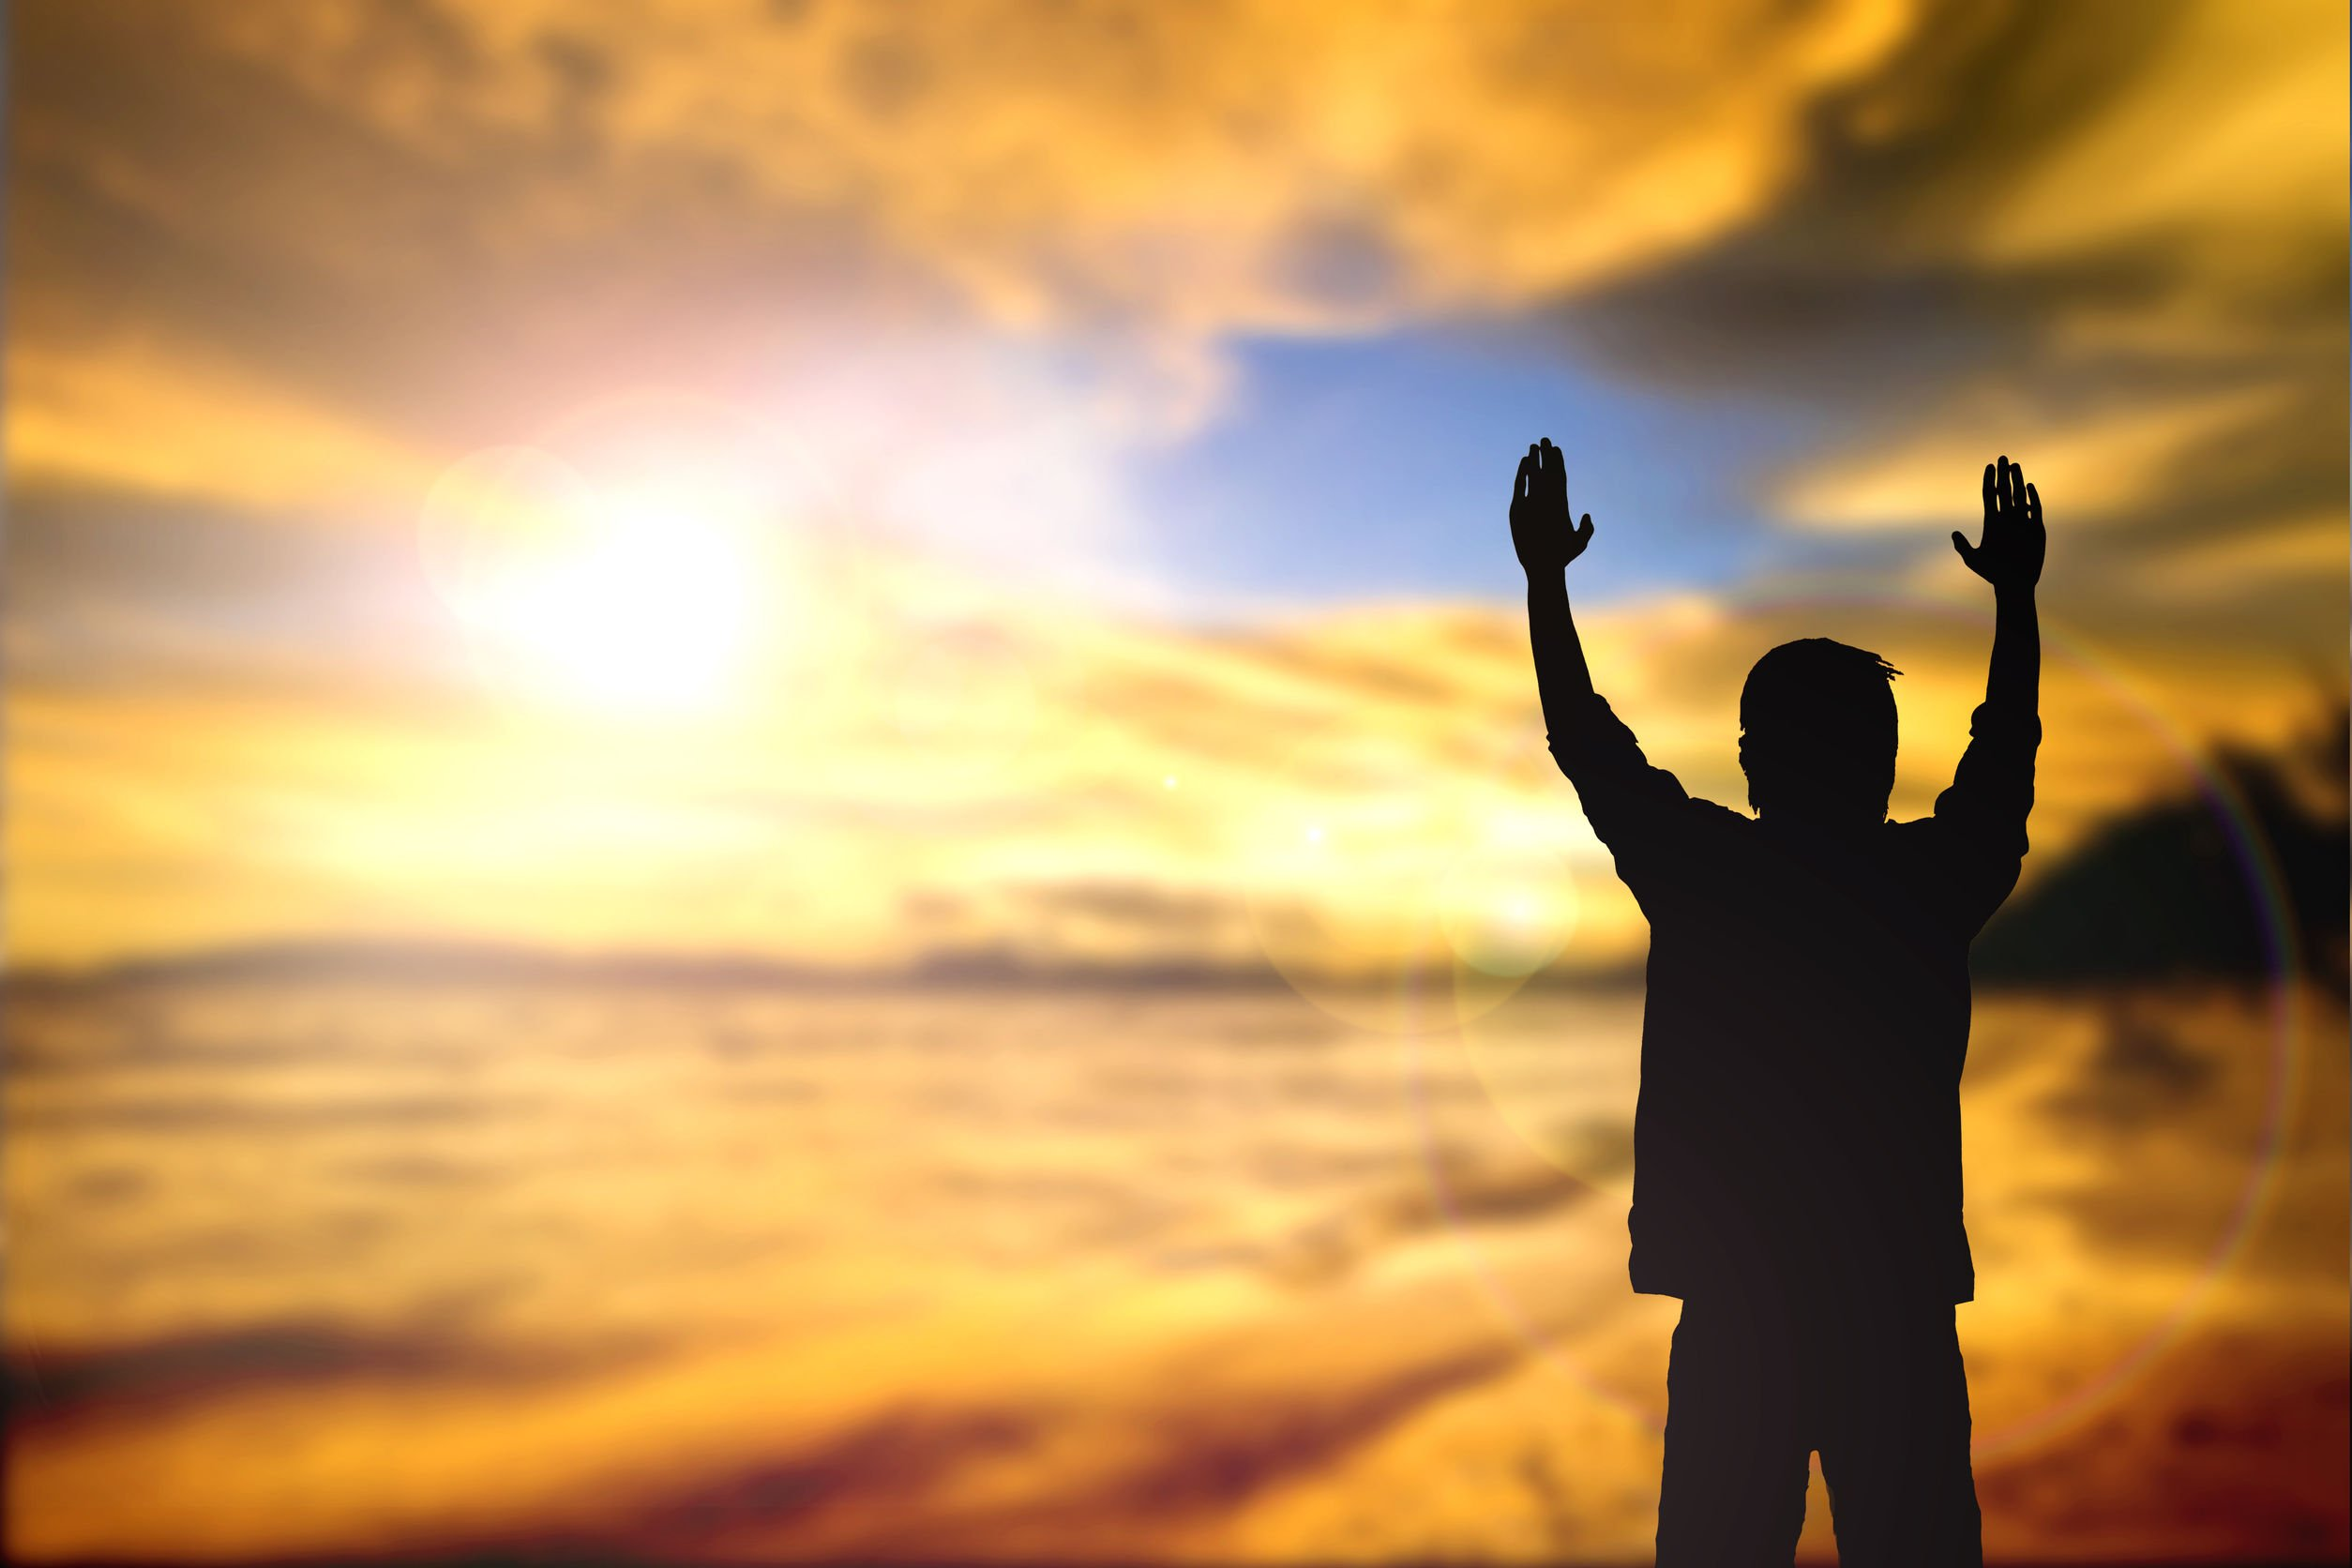 Deus Não Dá Fardo Maior Do Que Podemos Carregar: Legendas Evangélicas